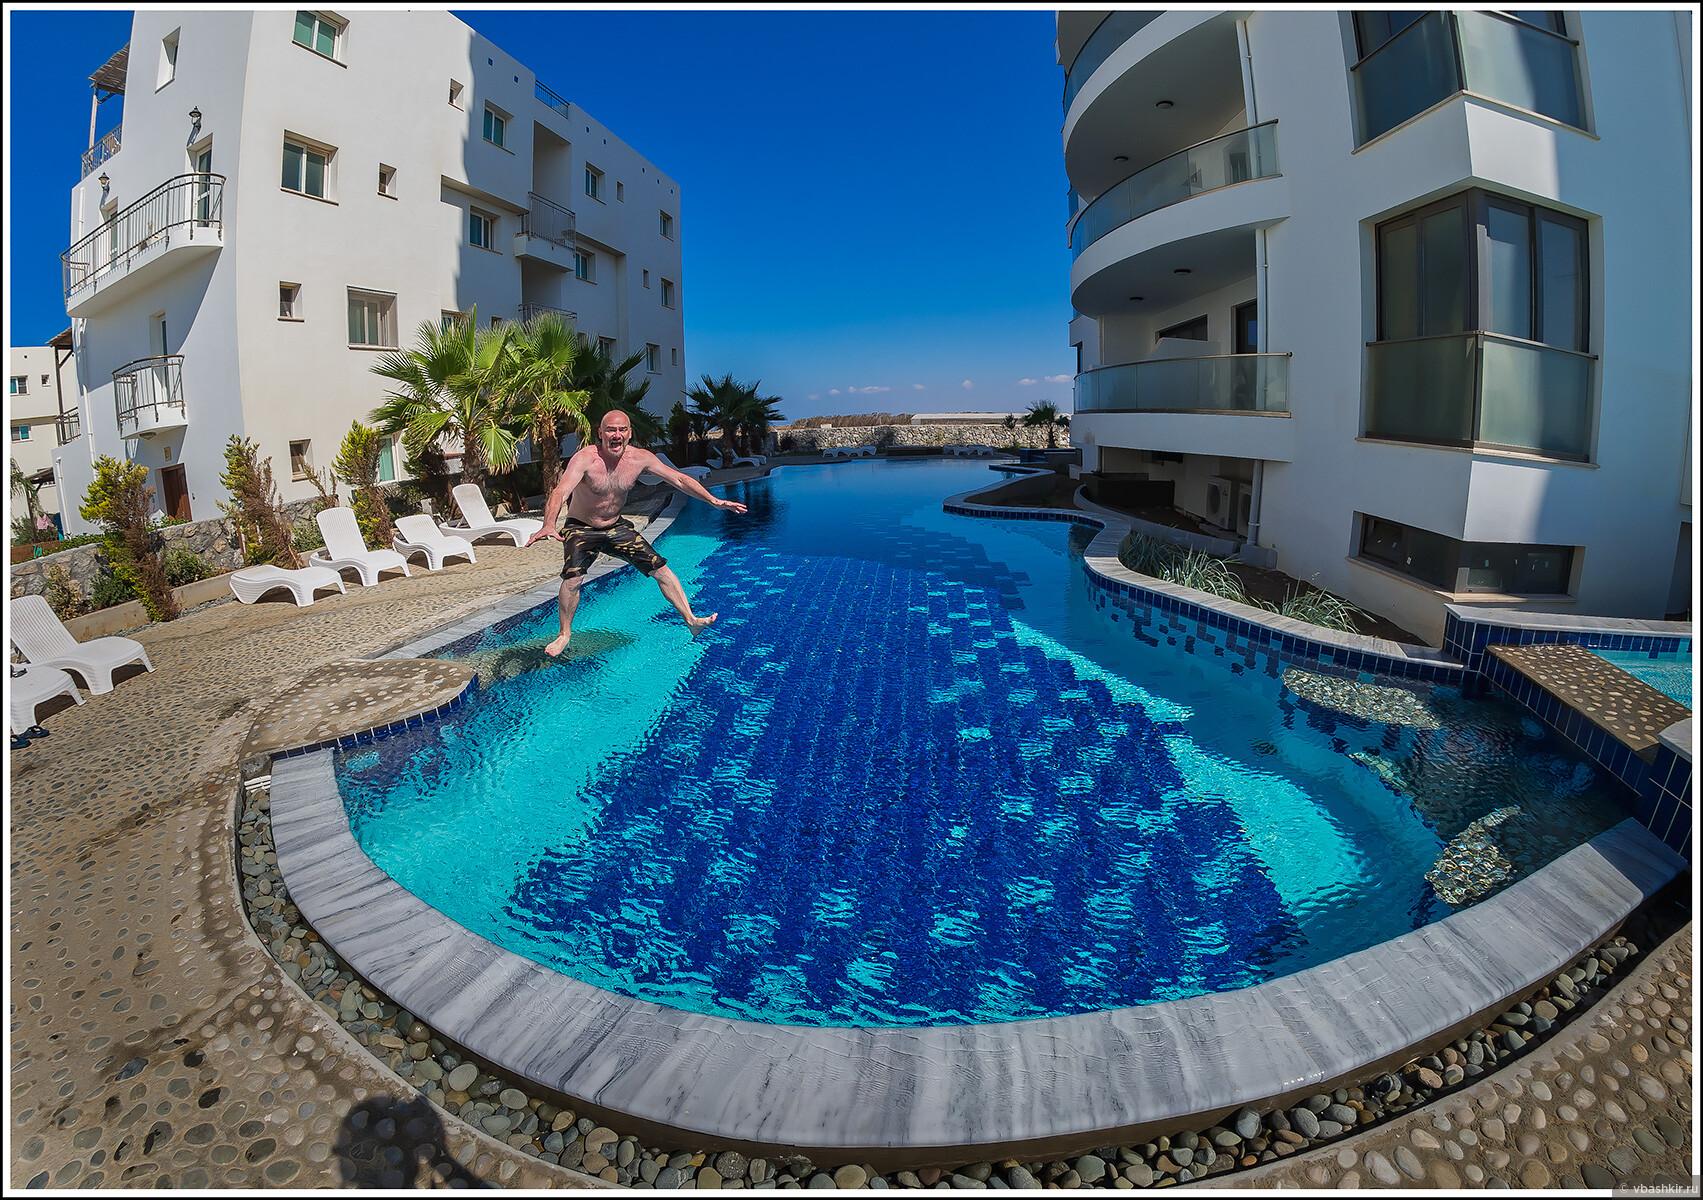 Бассейн рядом с домом., Кипроведение для мам